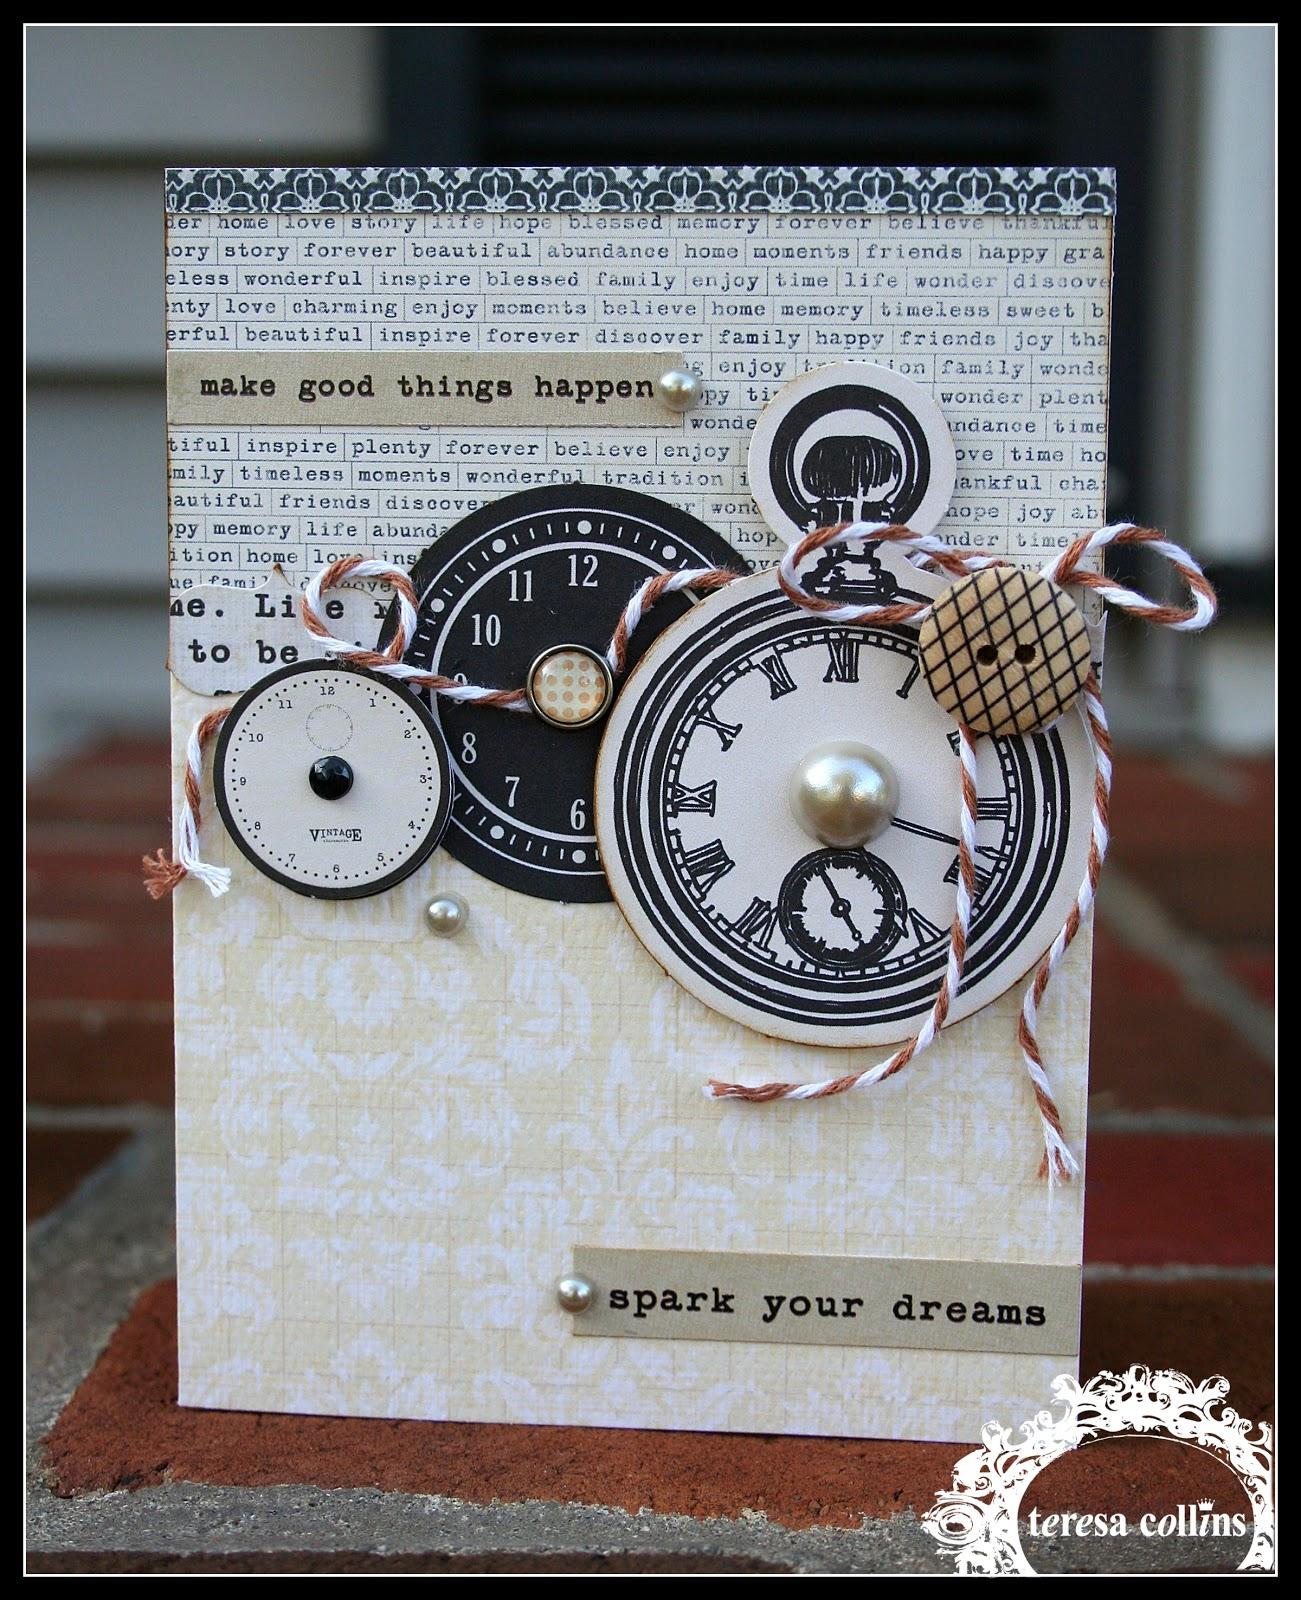 http://3.bp.blogspot.com/-JCLqM0y4mic/UG-VzxTwMEI/AAAAAAAADdg/R-2Stp5OKpQ/s1600/Stacey+M.+Card+2.jpg